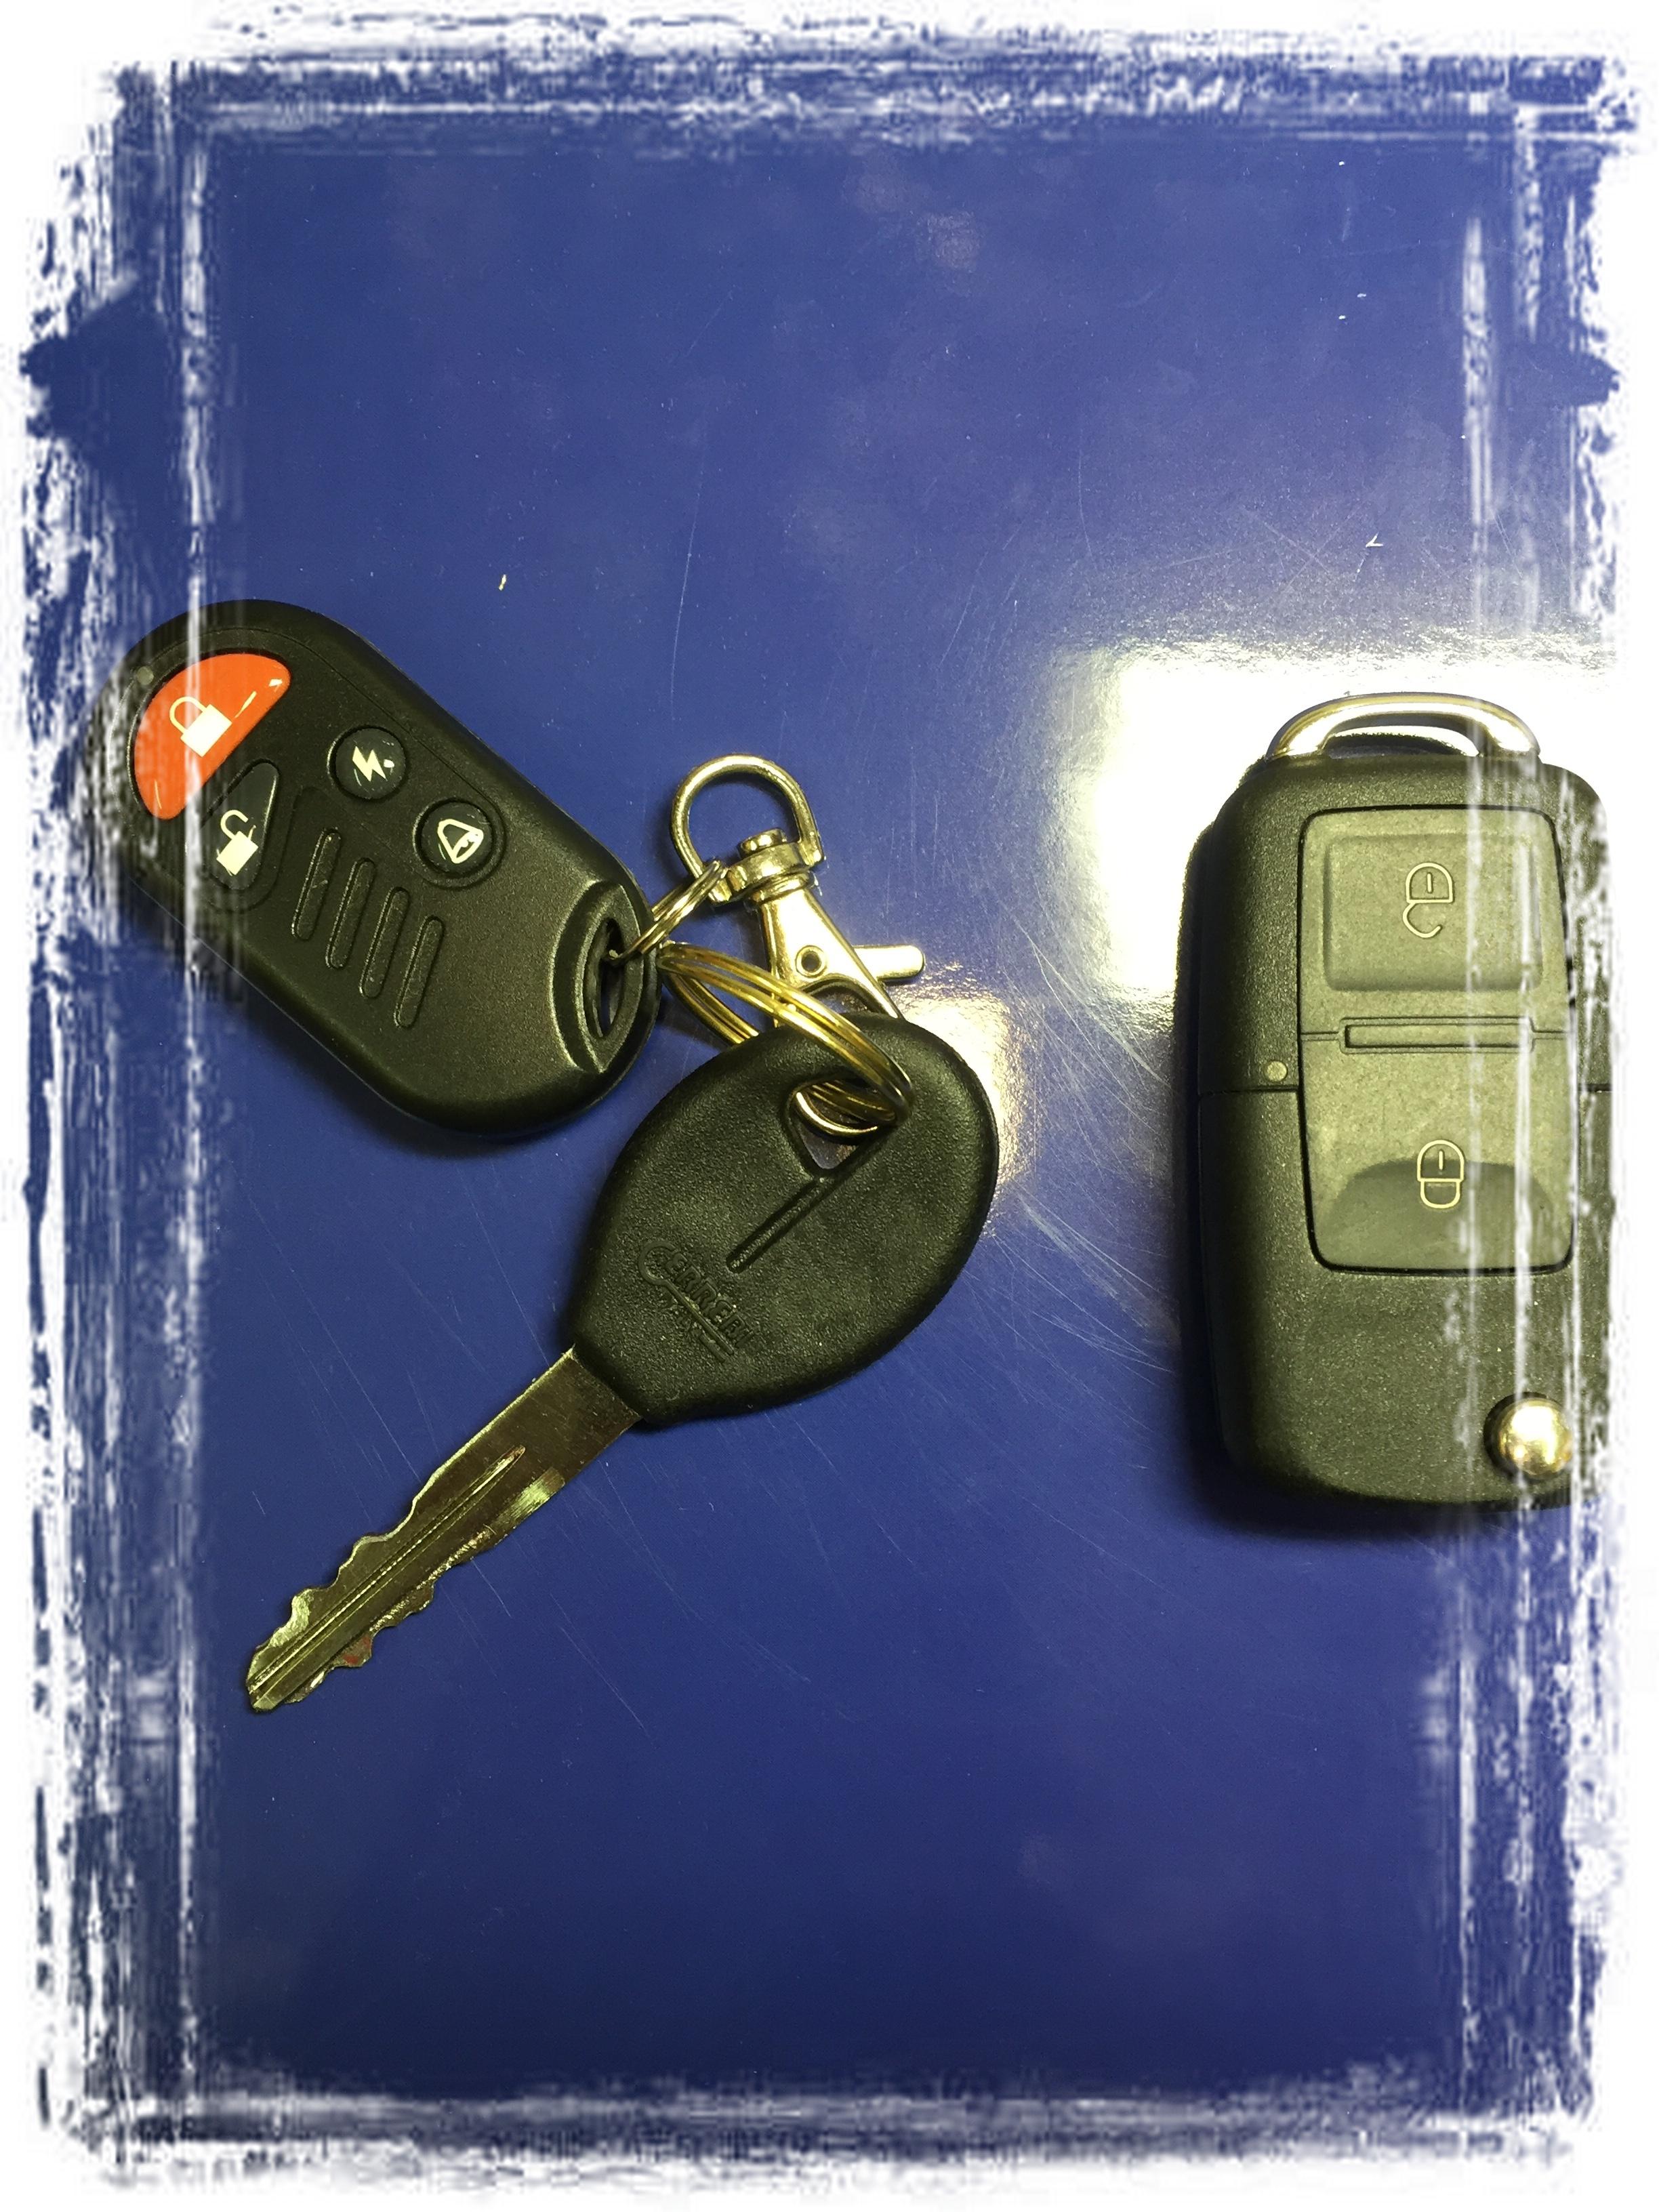 Как сделать ключ с сигналкой